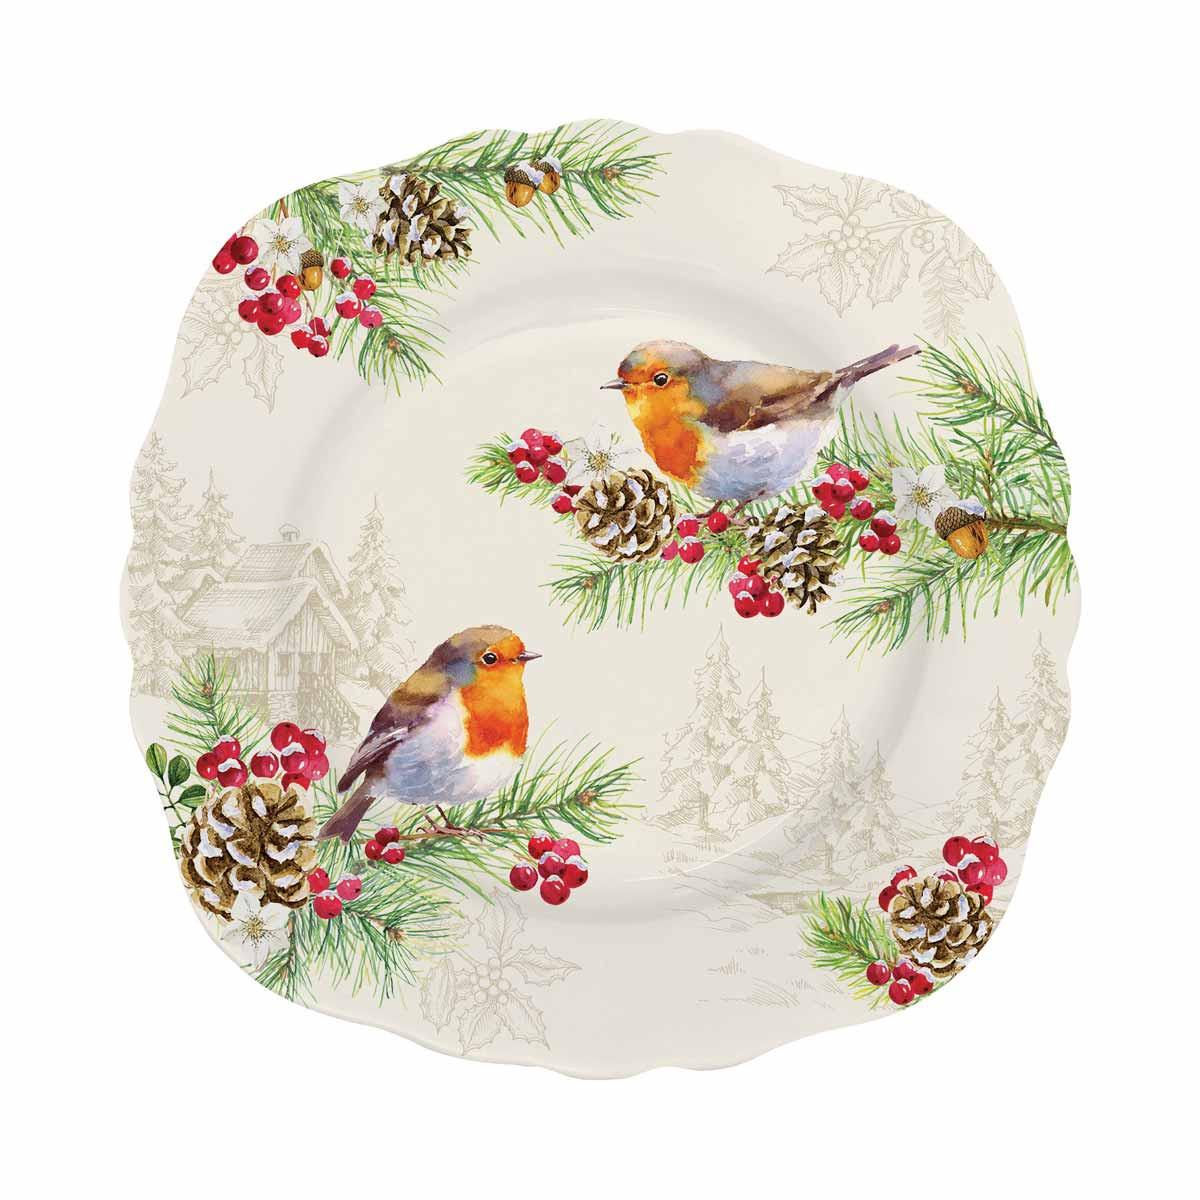 Χριστουγεννιάτικο Πιάτο Γλυκού Marva Winter Robins 1176WΙRΟ